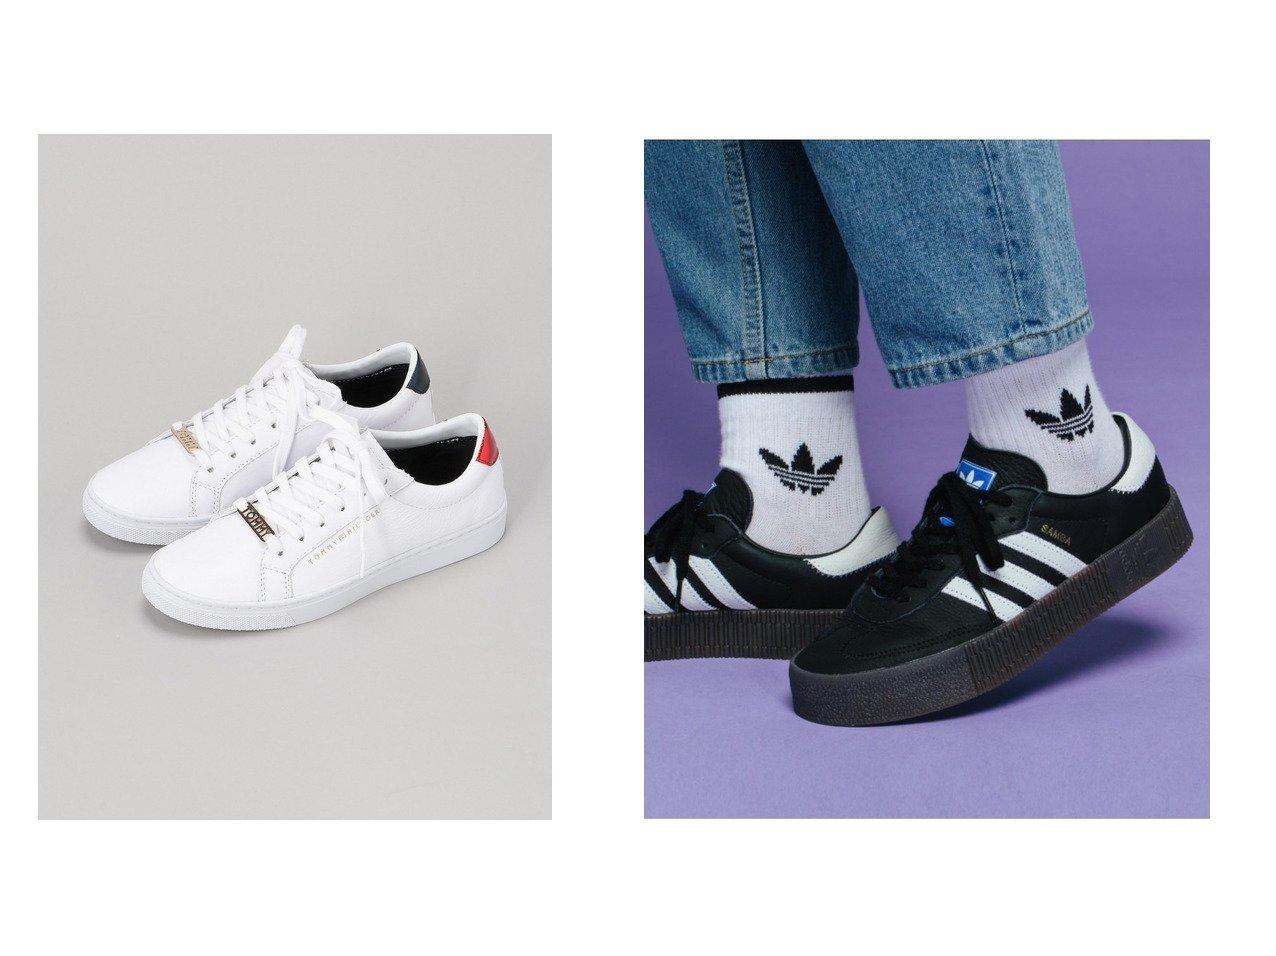 【adidas Originals/アディダス オリジナルス】のSAMBAROSE W&【TOMMY HILFIGER/トミーヒルフィガー】のTOMMY HILFIGER(トミーヒルフィガー) アイコンレザースニーカー 【シューズ・靴】おすすめ!人気、トレンド・レディースファッションの通販 おすすめで人気の流行・トレンド、ファッションの通販商品 メンズファッション・キッズファッション・インテリア・家具・レディースファッション・服の通販 founy(ファニー) https://founy.com/ ファッション Fashion レディースファッション WOMEN シューズ スニーカー スポーツ スリッポン クラシック サッカー スタイリッシュ パフォーマンス フィット ライニング レギュラー 厚底 |ID:crp329100000028477